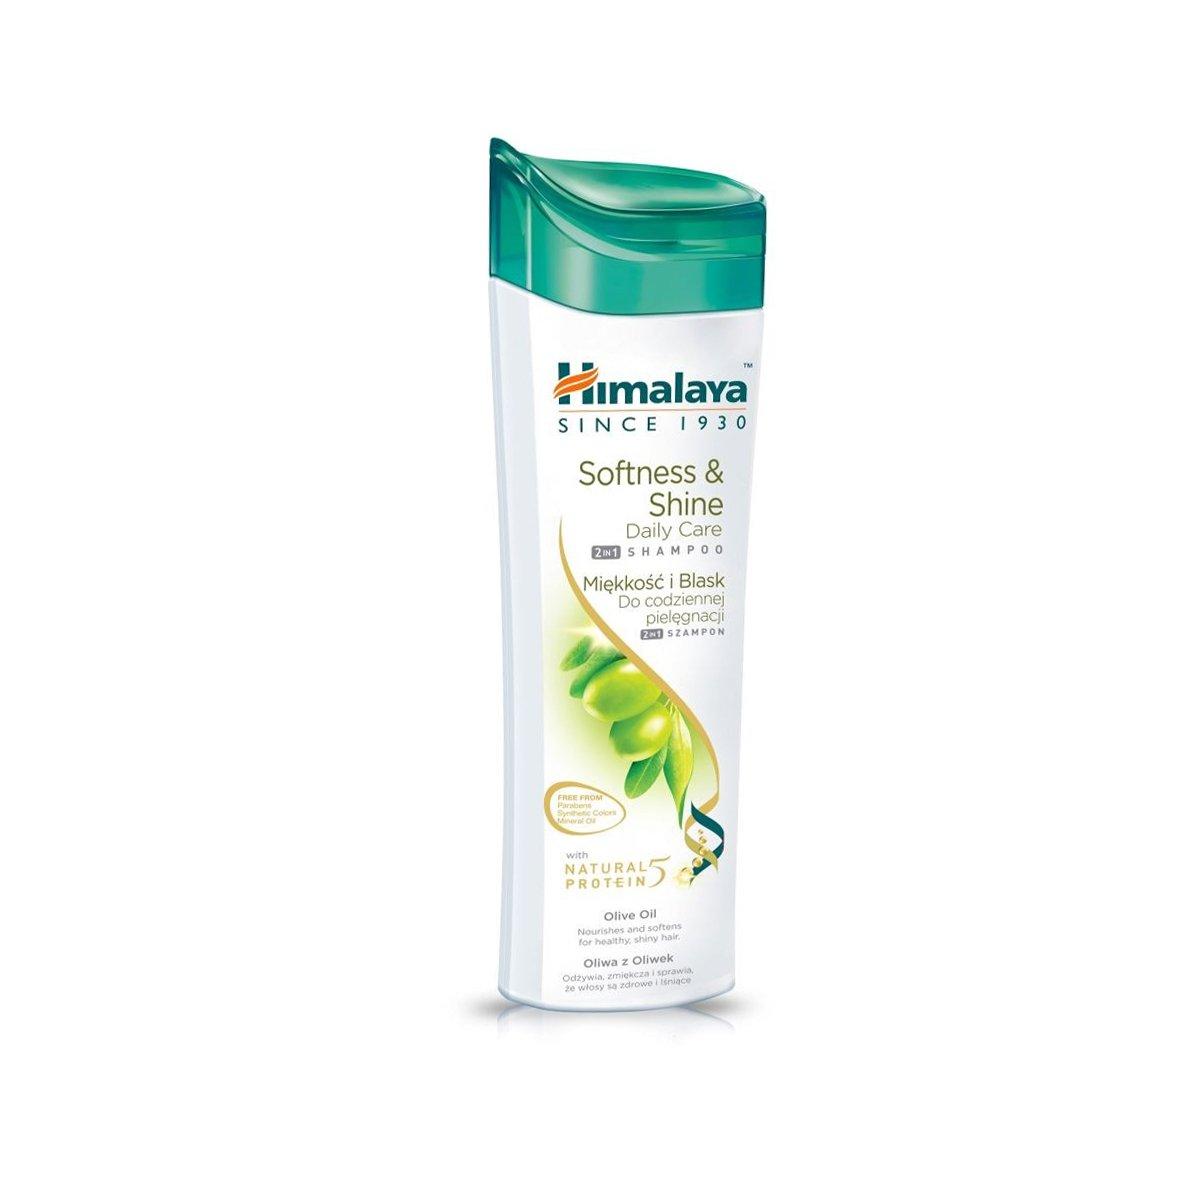 Sampon Himalaya Softness & Shine Daily Care, 200 ml